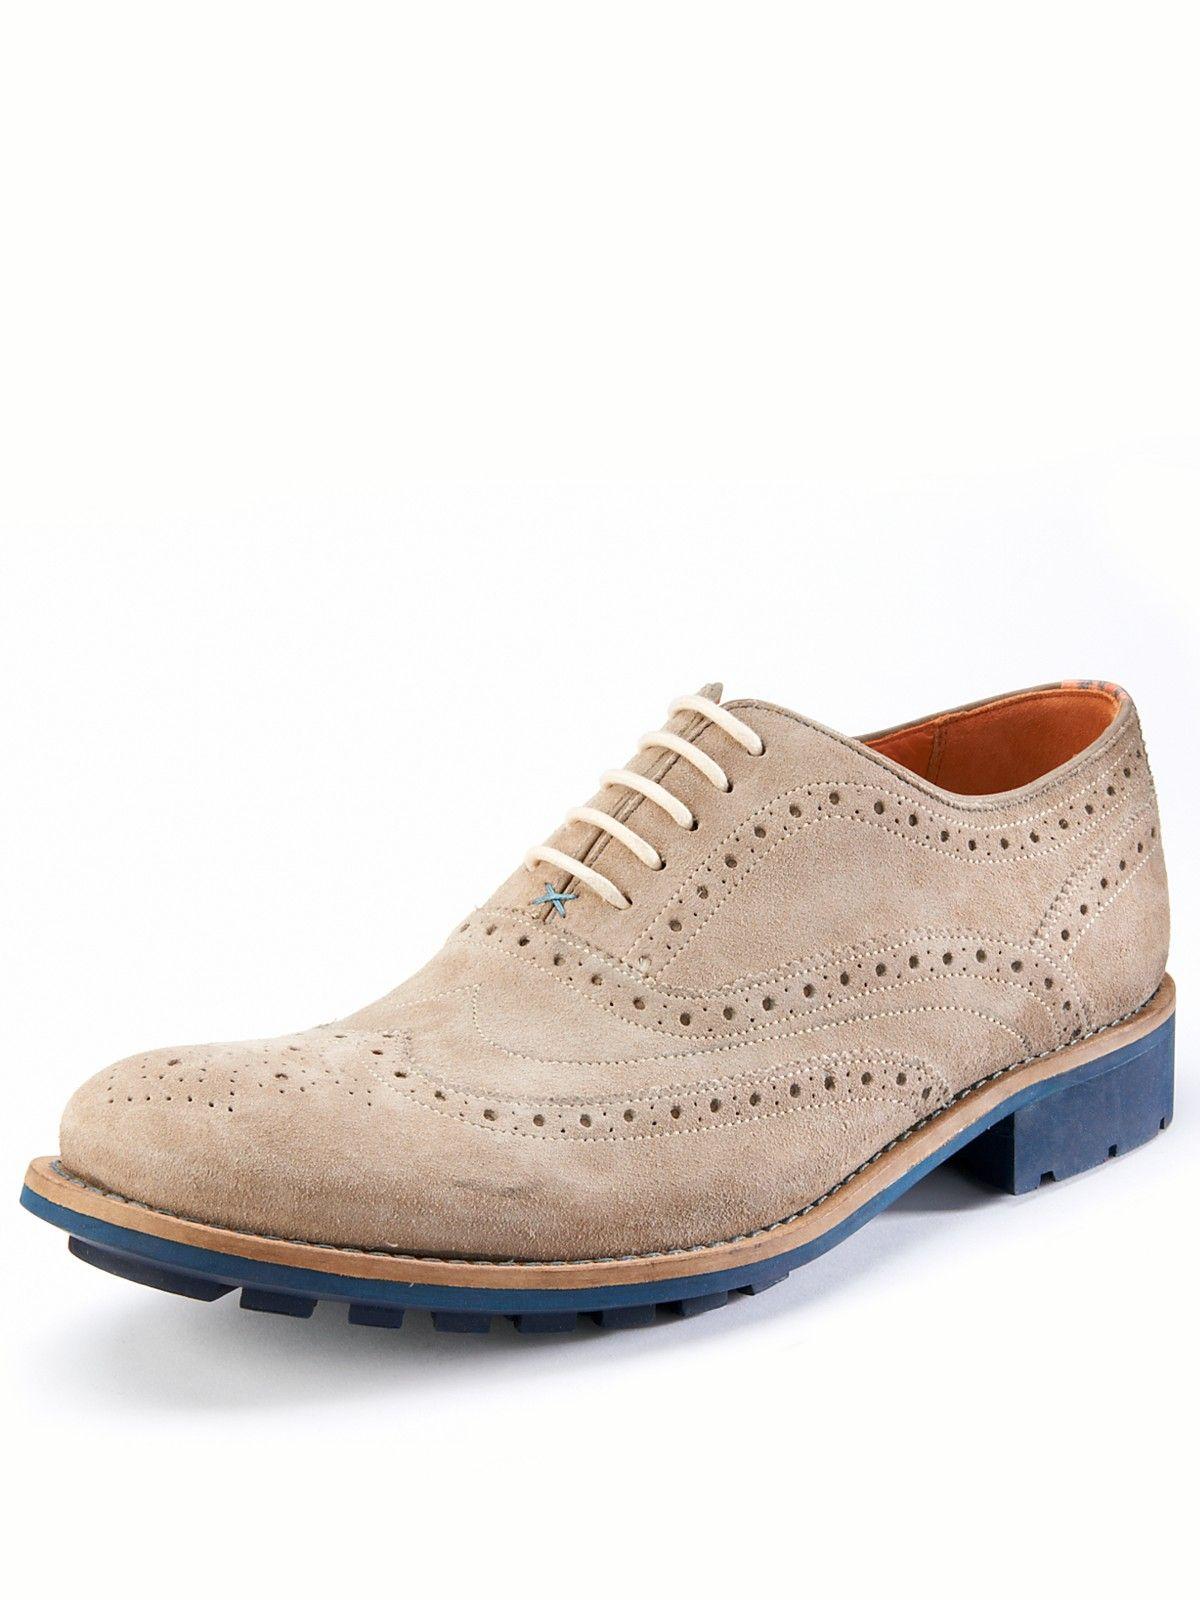 a59f55094e620 Ted Baker Mens Guri Rub Suede Brogue Shoes Littlewoods.com